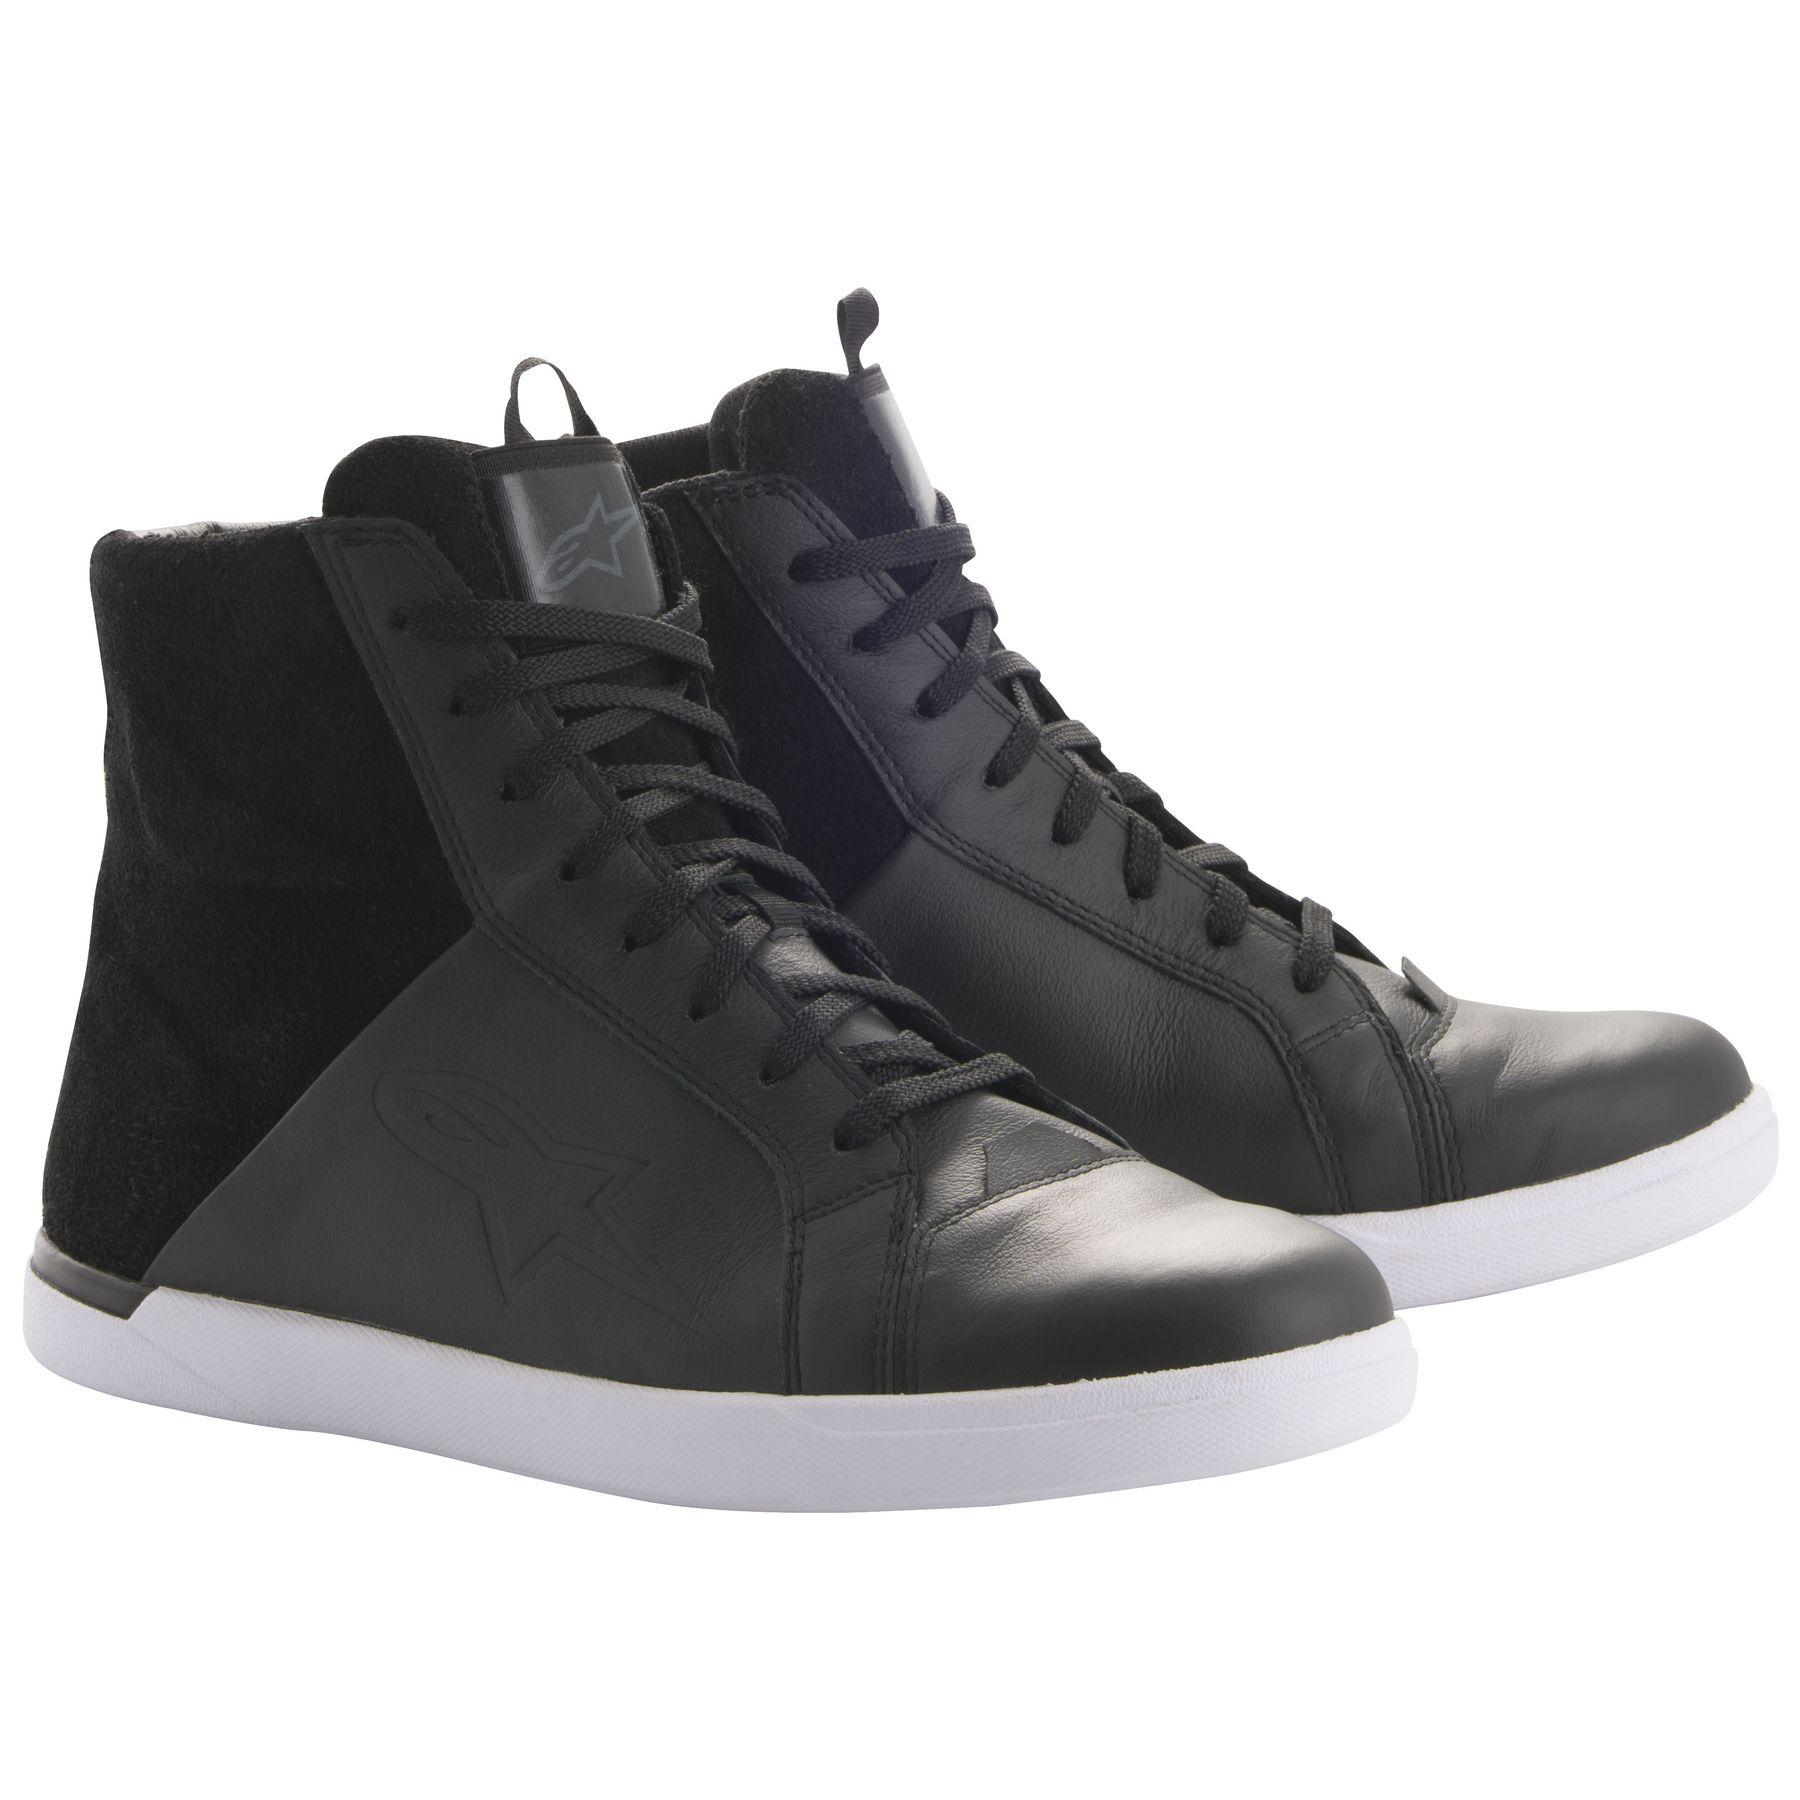 Alpinestars Jam Drystar Shoes - RevZilla